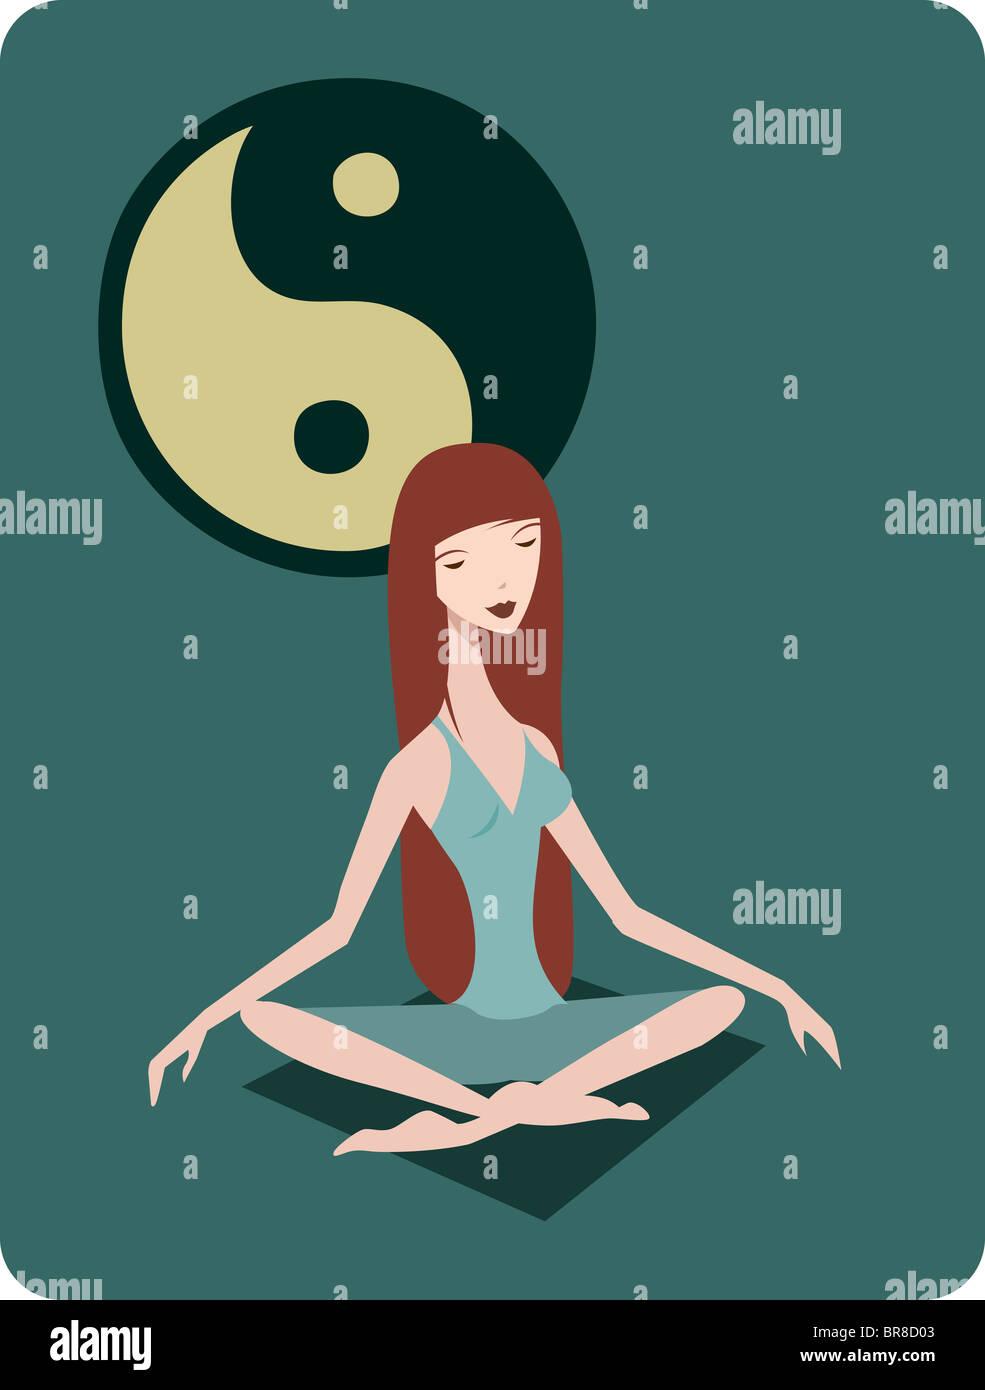 Una donna meditando nella posizione del loto di fronte a ying yang simbolo Immagini Stock